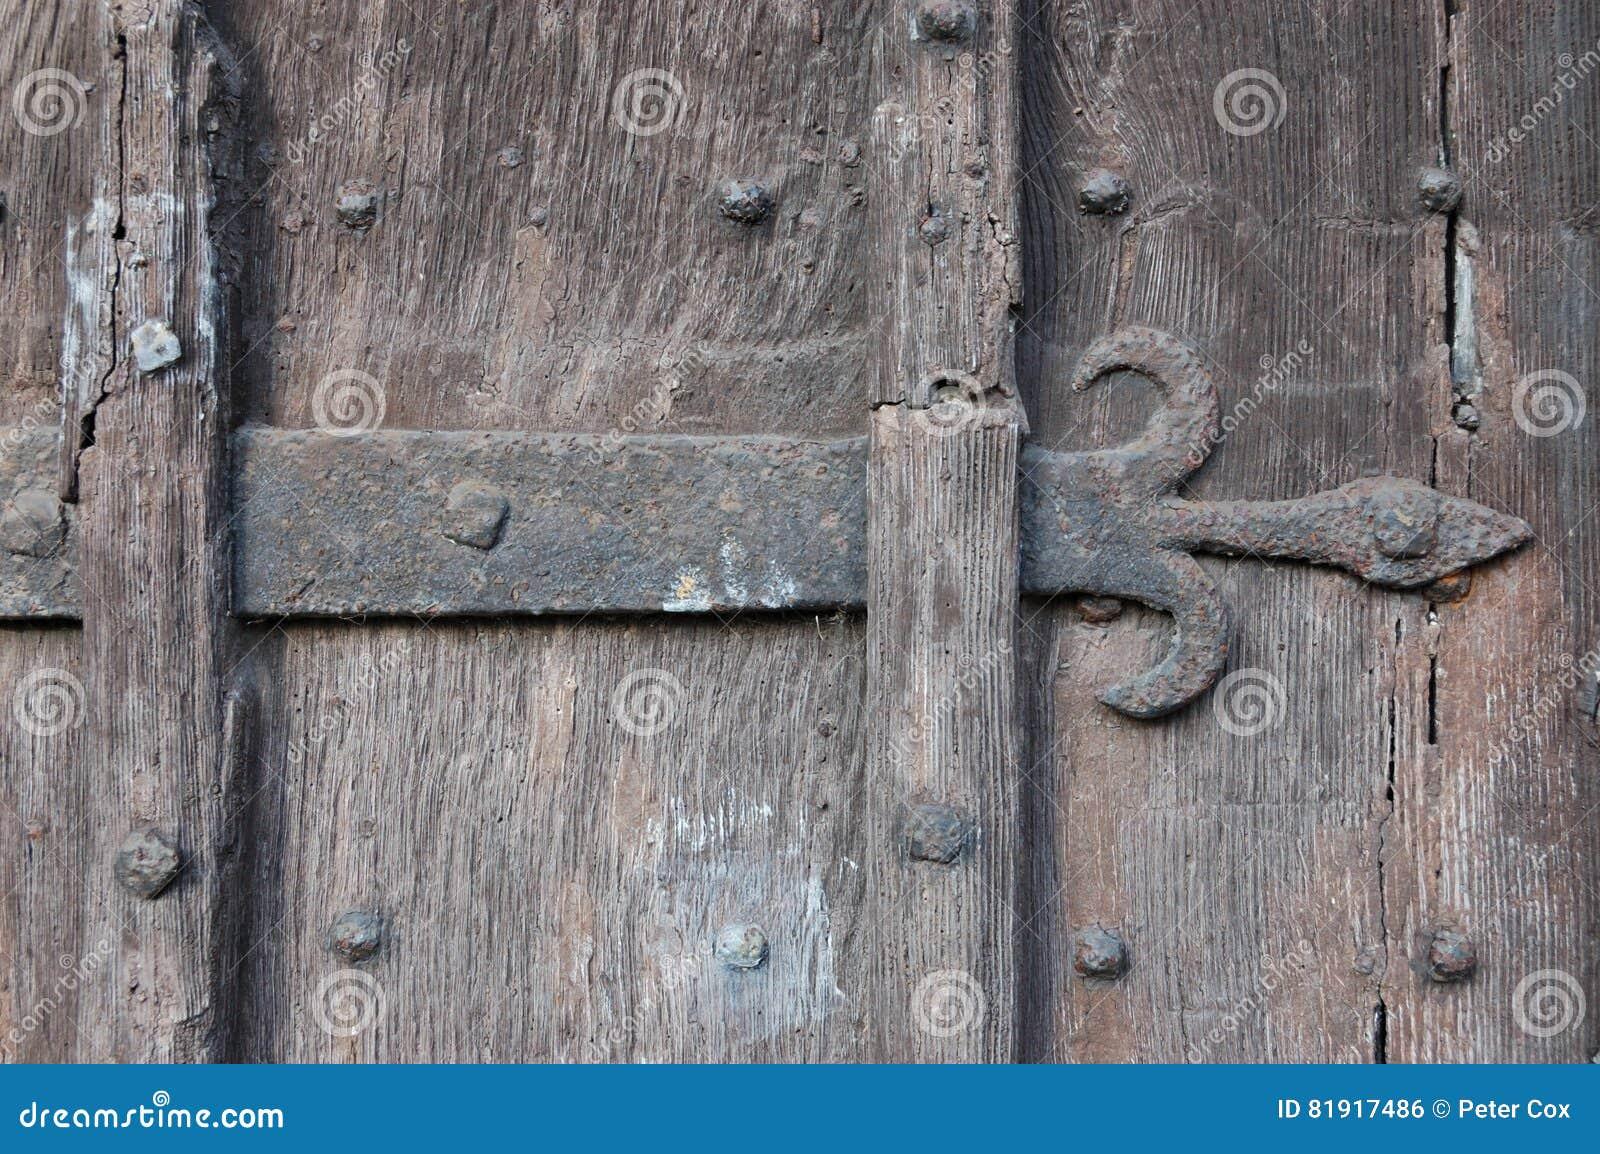 Ancient Wooden Door With Fleur De Lis Ironwork Stock Photo Image